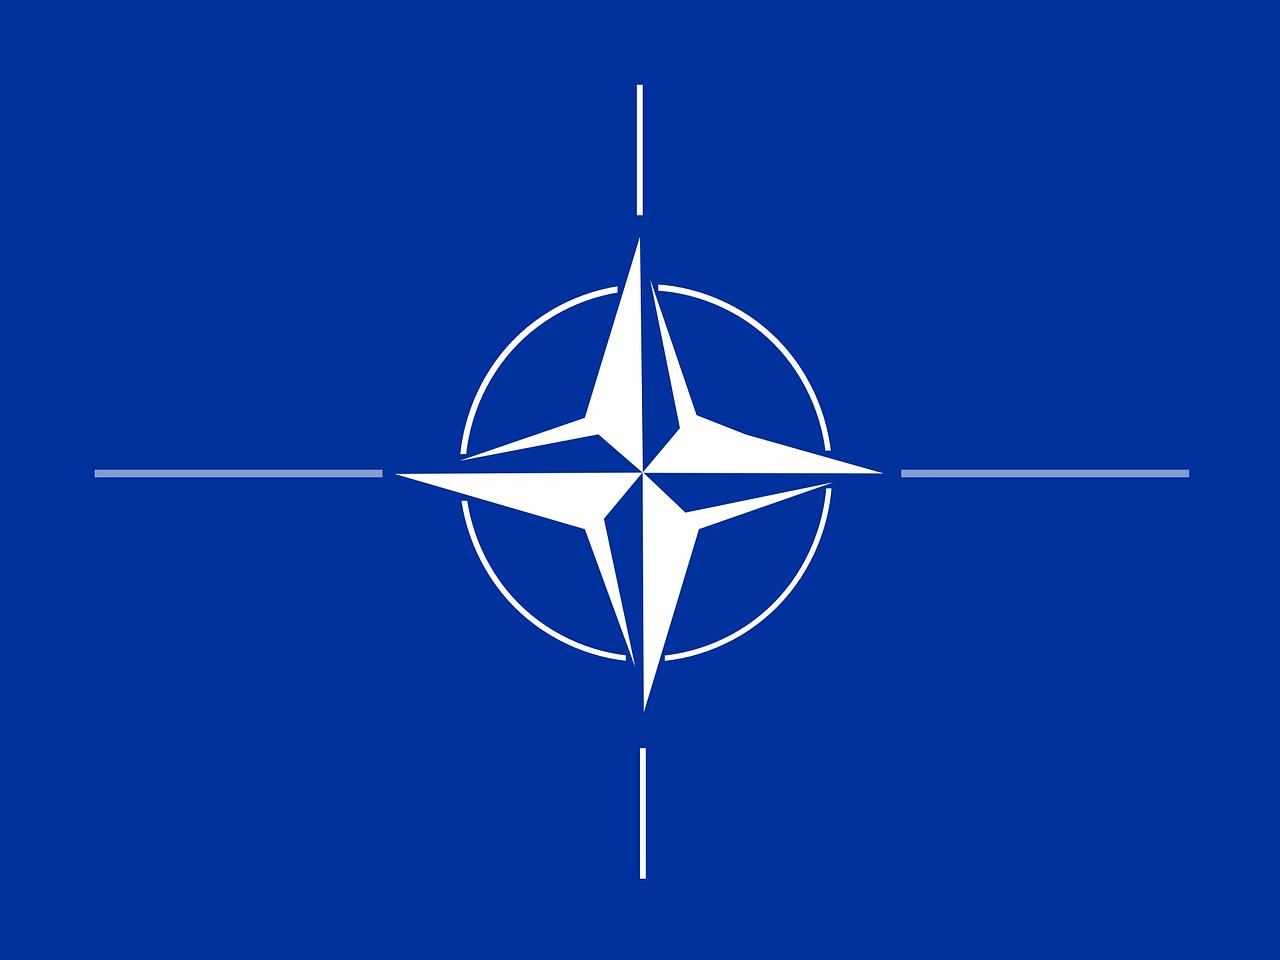 Nato Flag Compass Rose Emblem Blue  - Clker-Free-Vector-Images / Pixabay